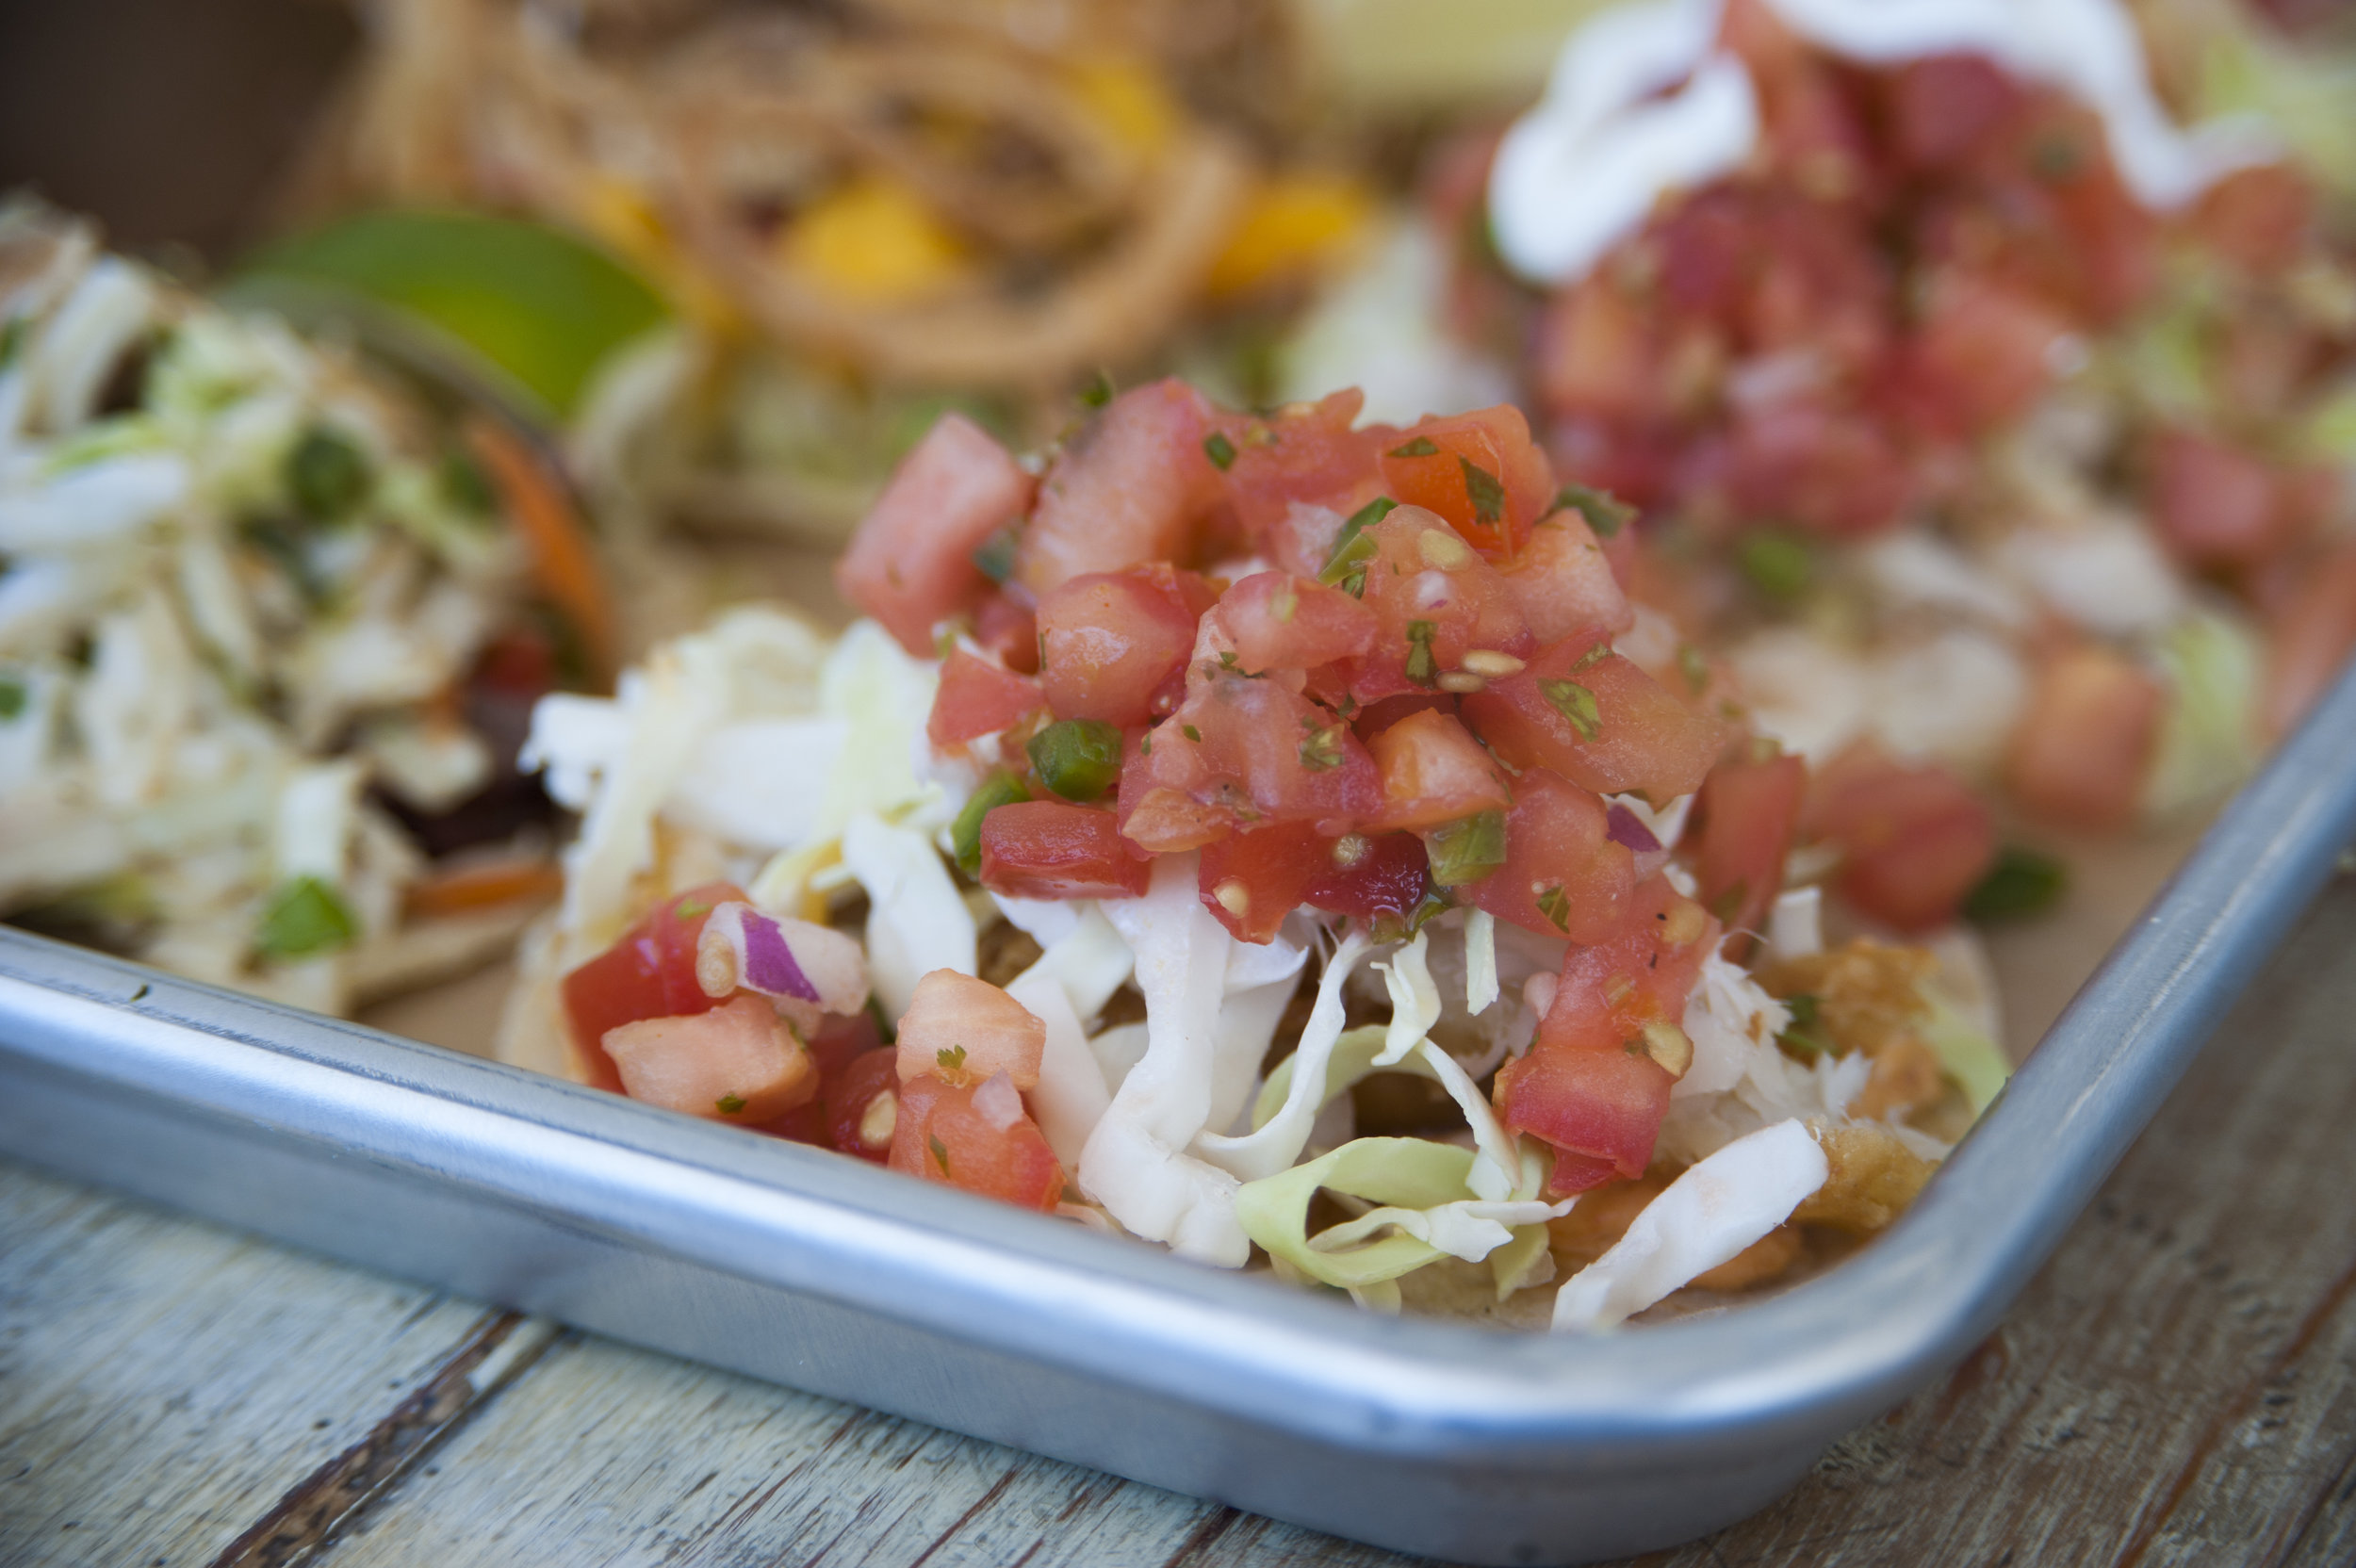 The Crispy Fish taco is accented with invigorating fresh tomato cilantro salsa, shredded cabbage and a three-chili spread.